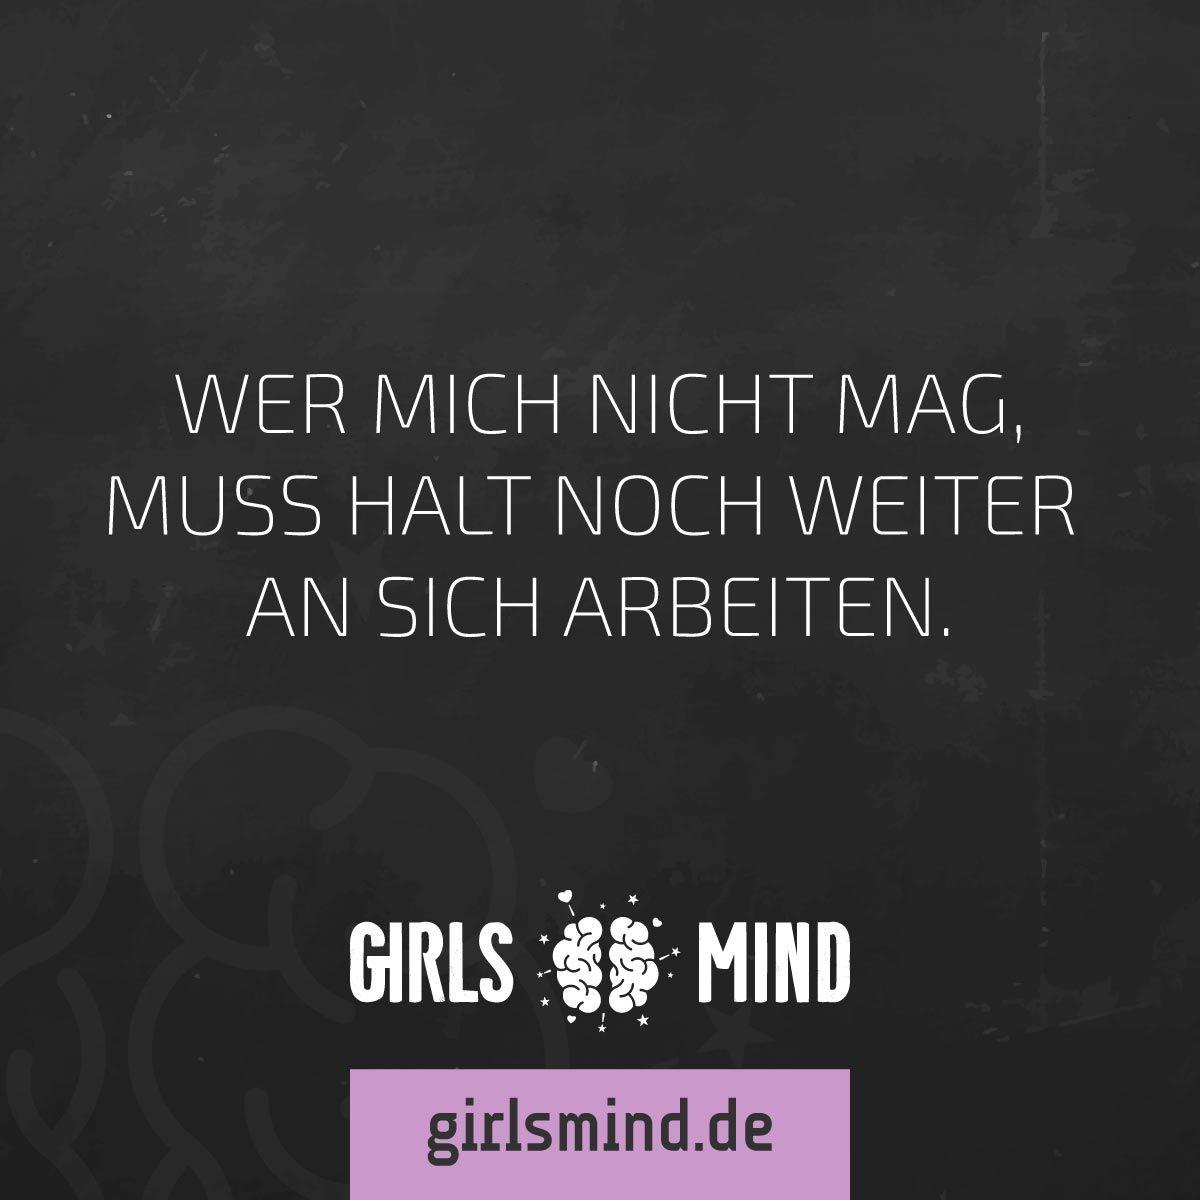 Mehr Sprüche auf: .girlsheart.de #selbstbewusstsein